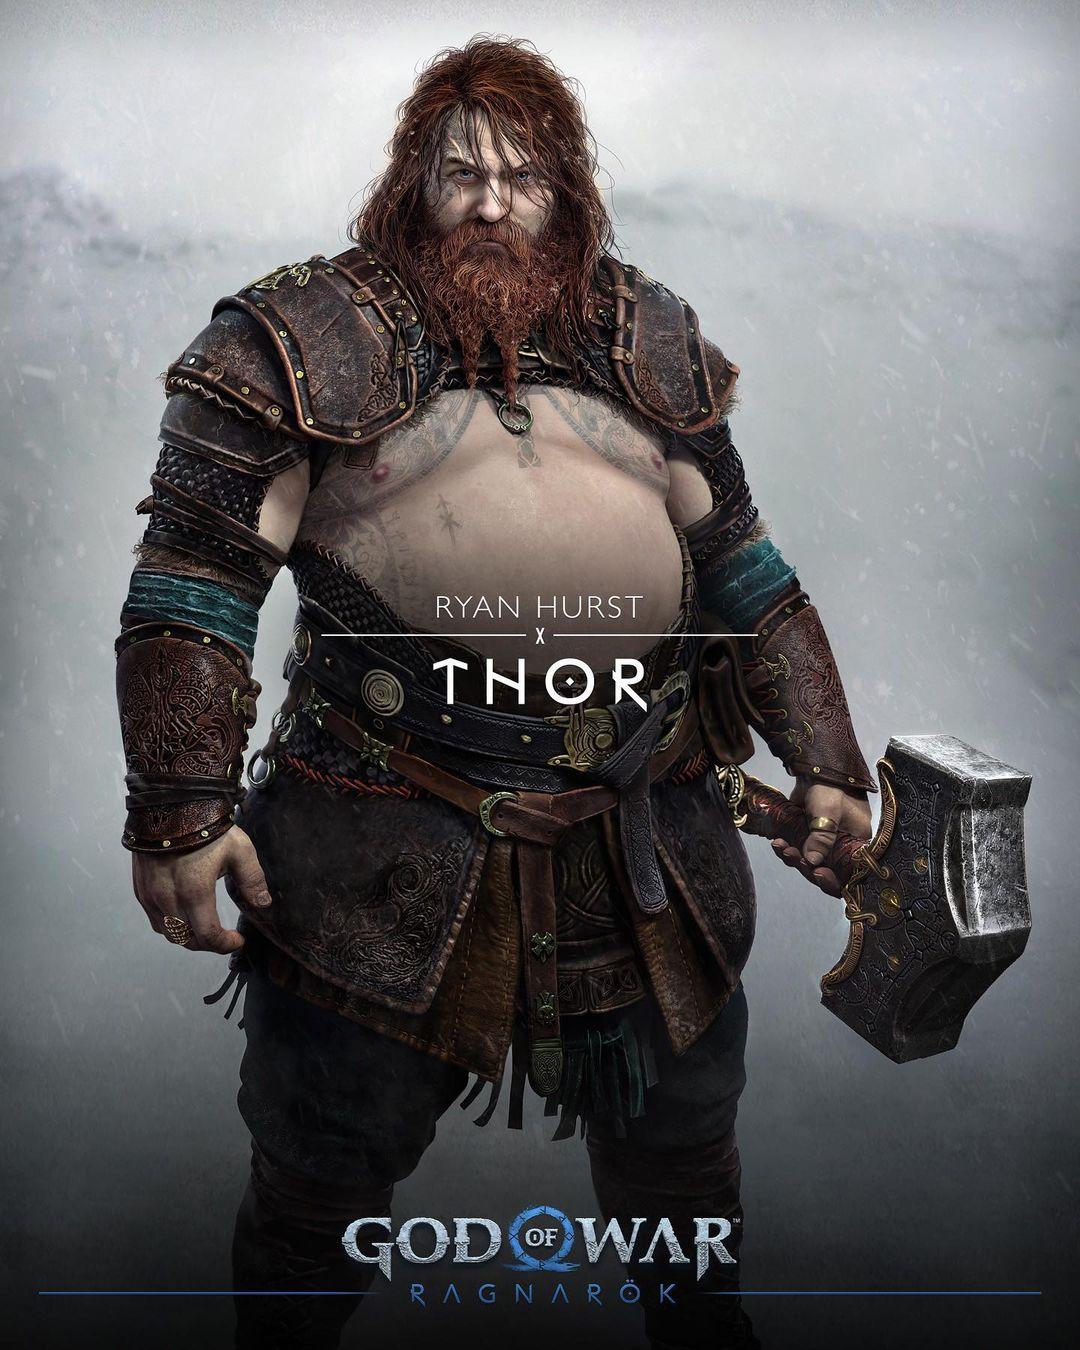 Mời bạn chiêm ngưỡng bụng bia của Thor trong God of War Ragnarök - Ảnh 1.